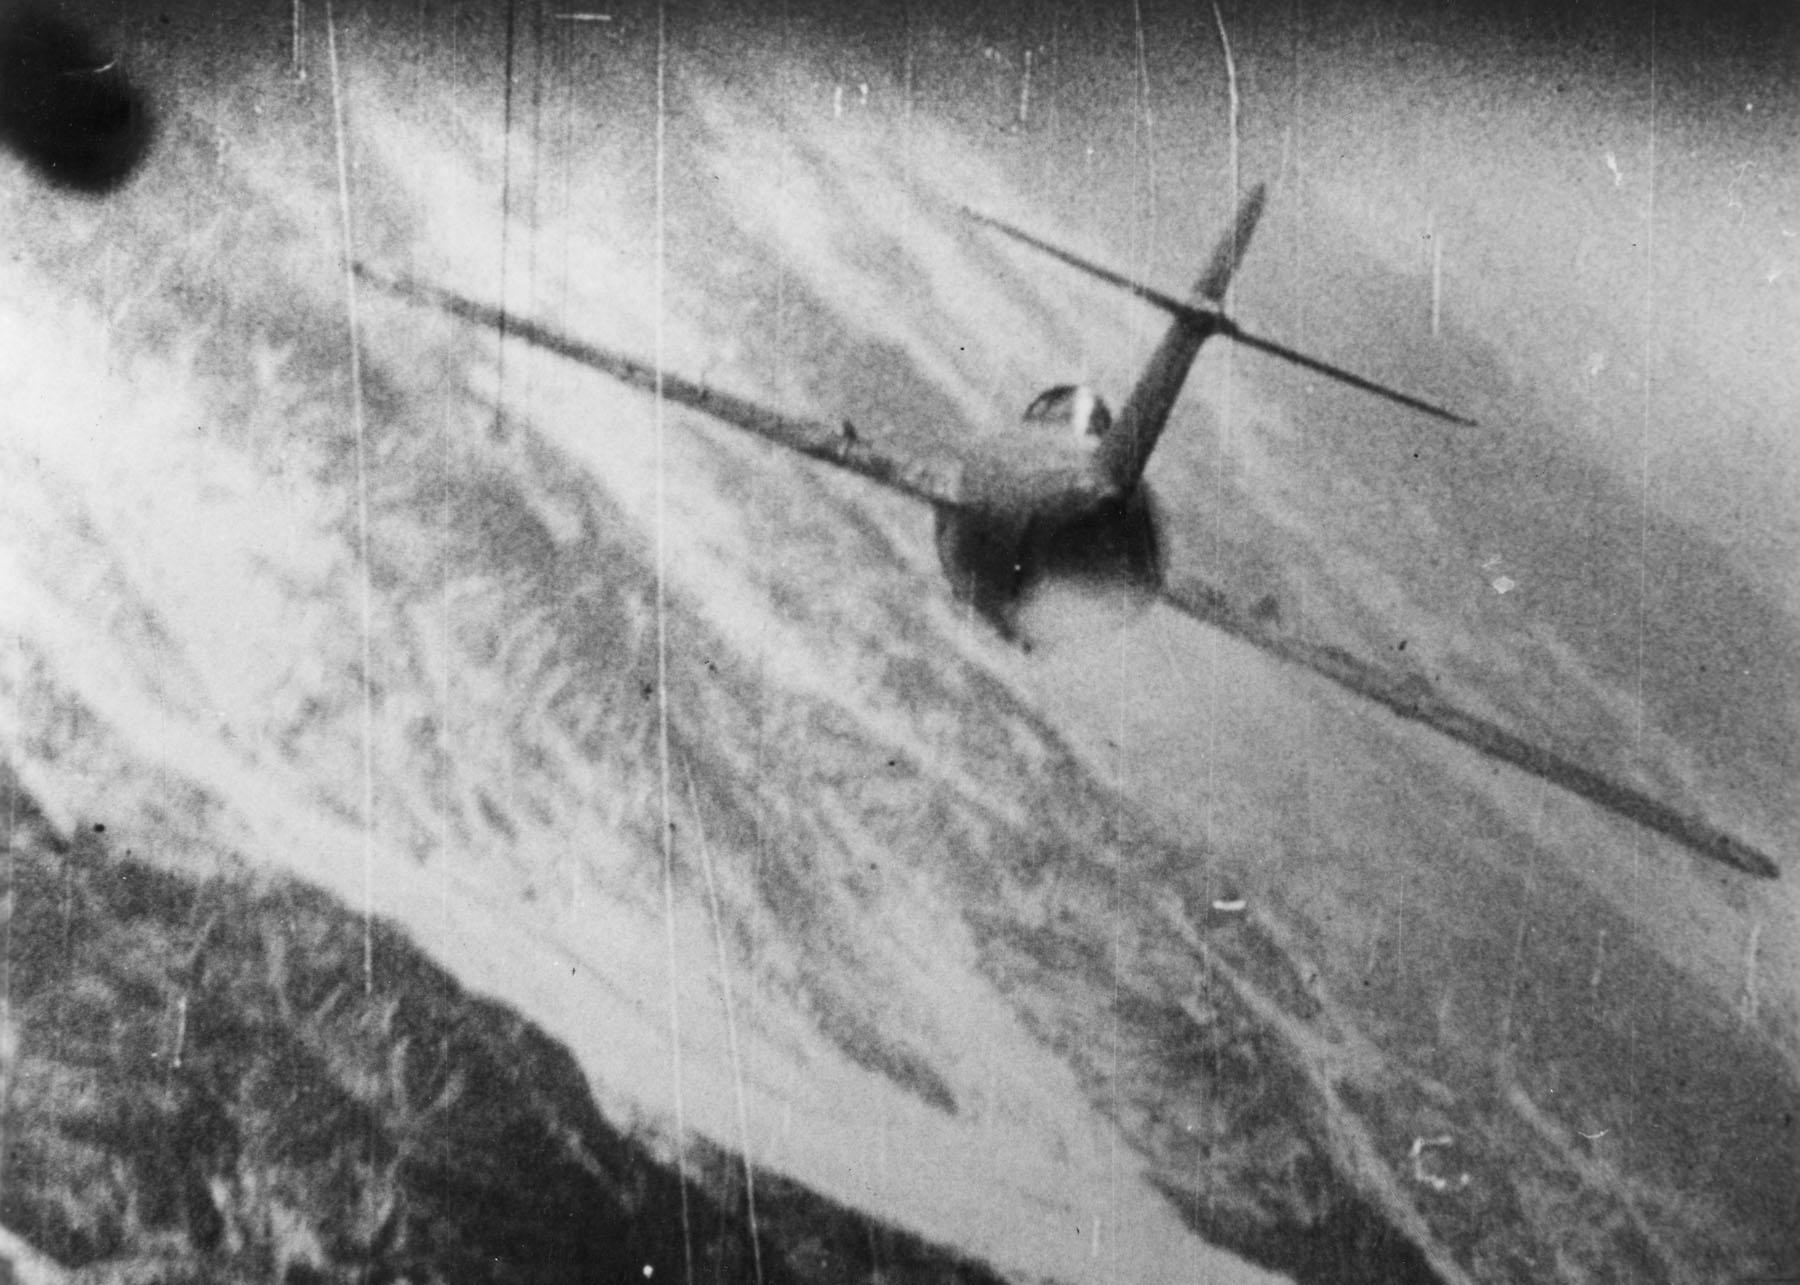 odrzutowiec zestrzelony | MiG-15 widziany przez fotokarabin amerykańskiego F-86 (fot. National Museum of the U.S. Air Force)